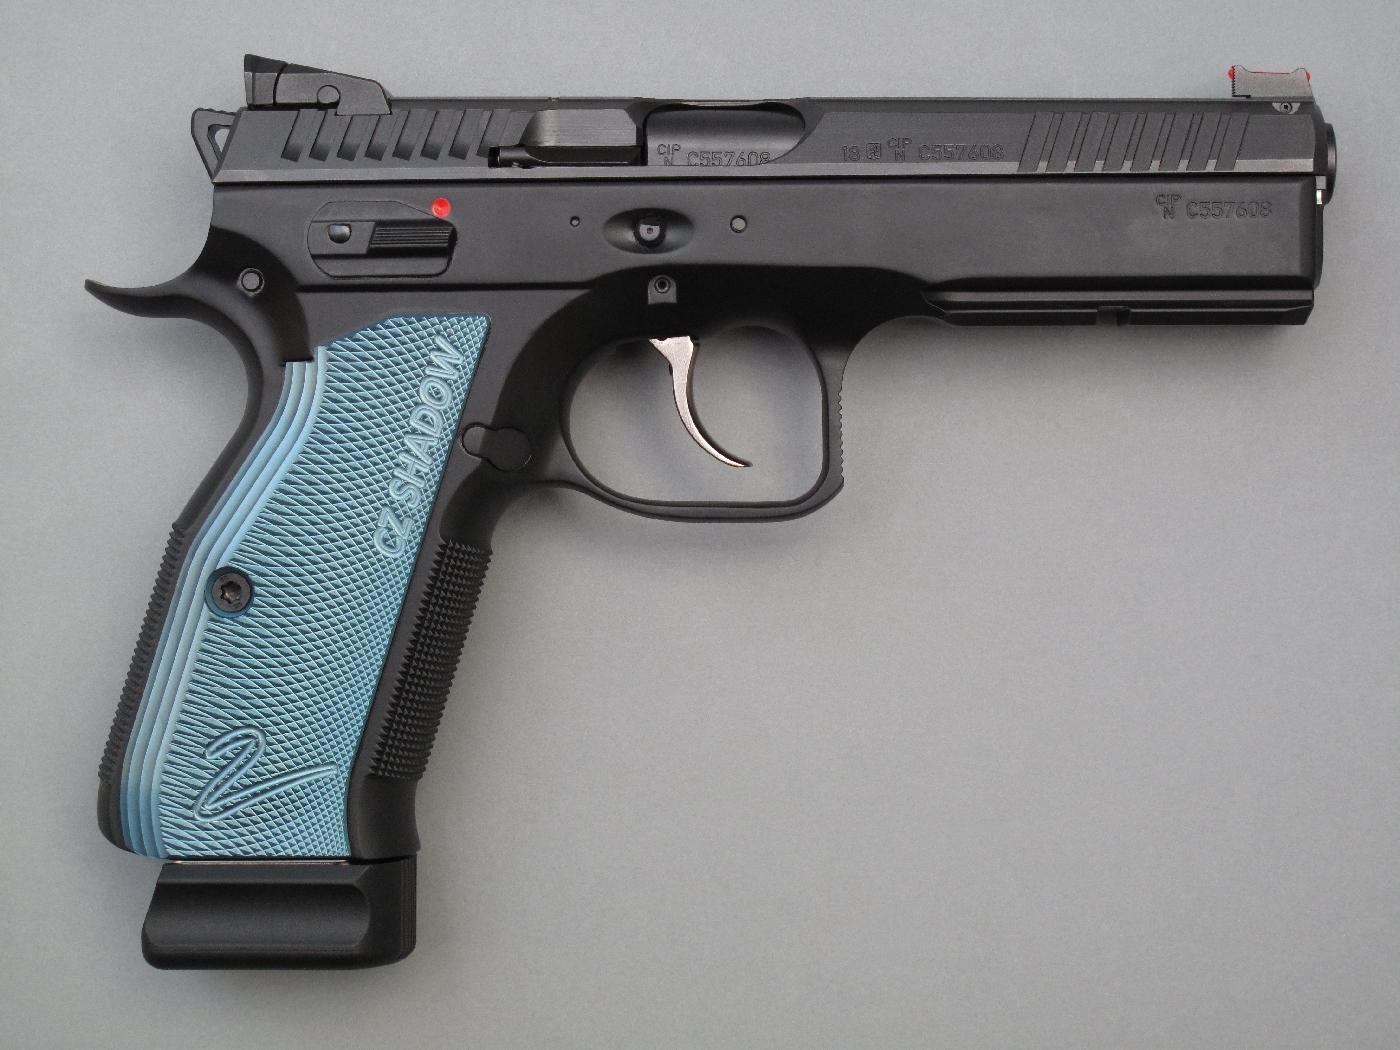 Ces pistolets bénéficient tous deux d'un grand nombre d'améliorations au rang desquelles figurent un guidon à fibre optique, une hausse réglable en site et un départ allégé.